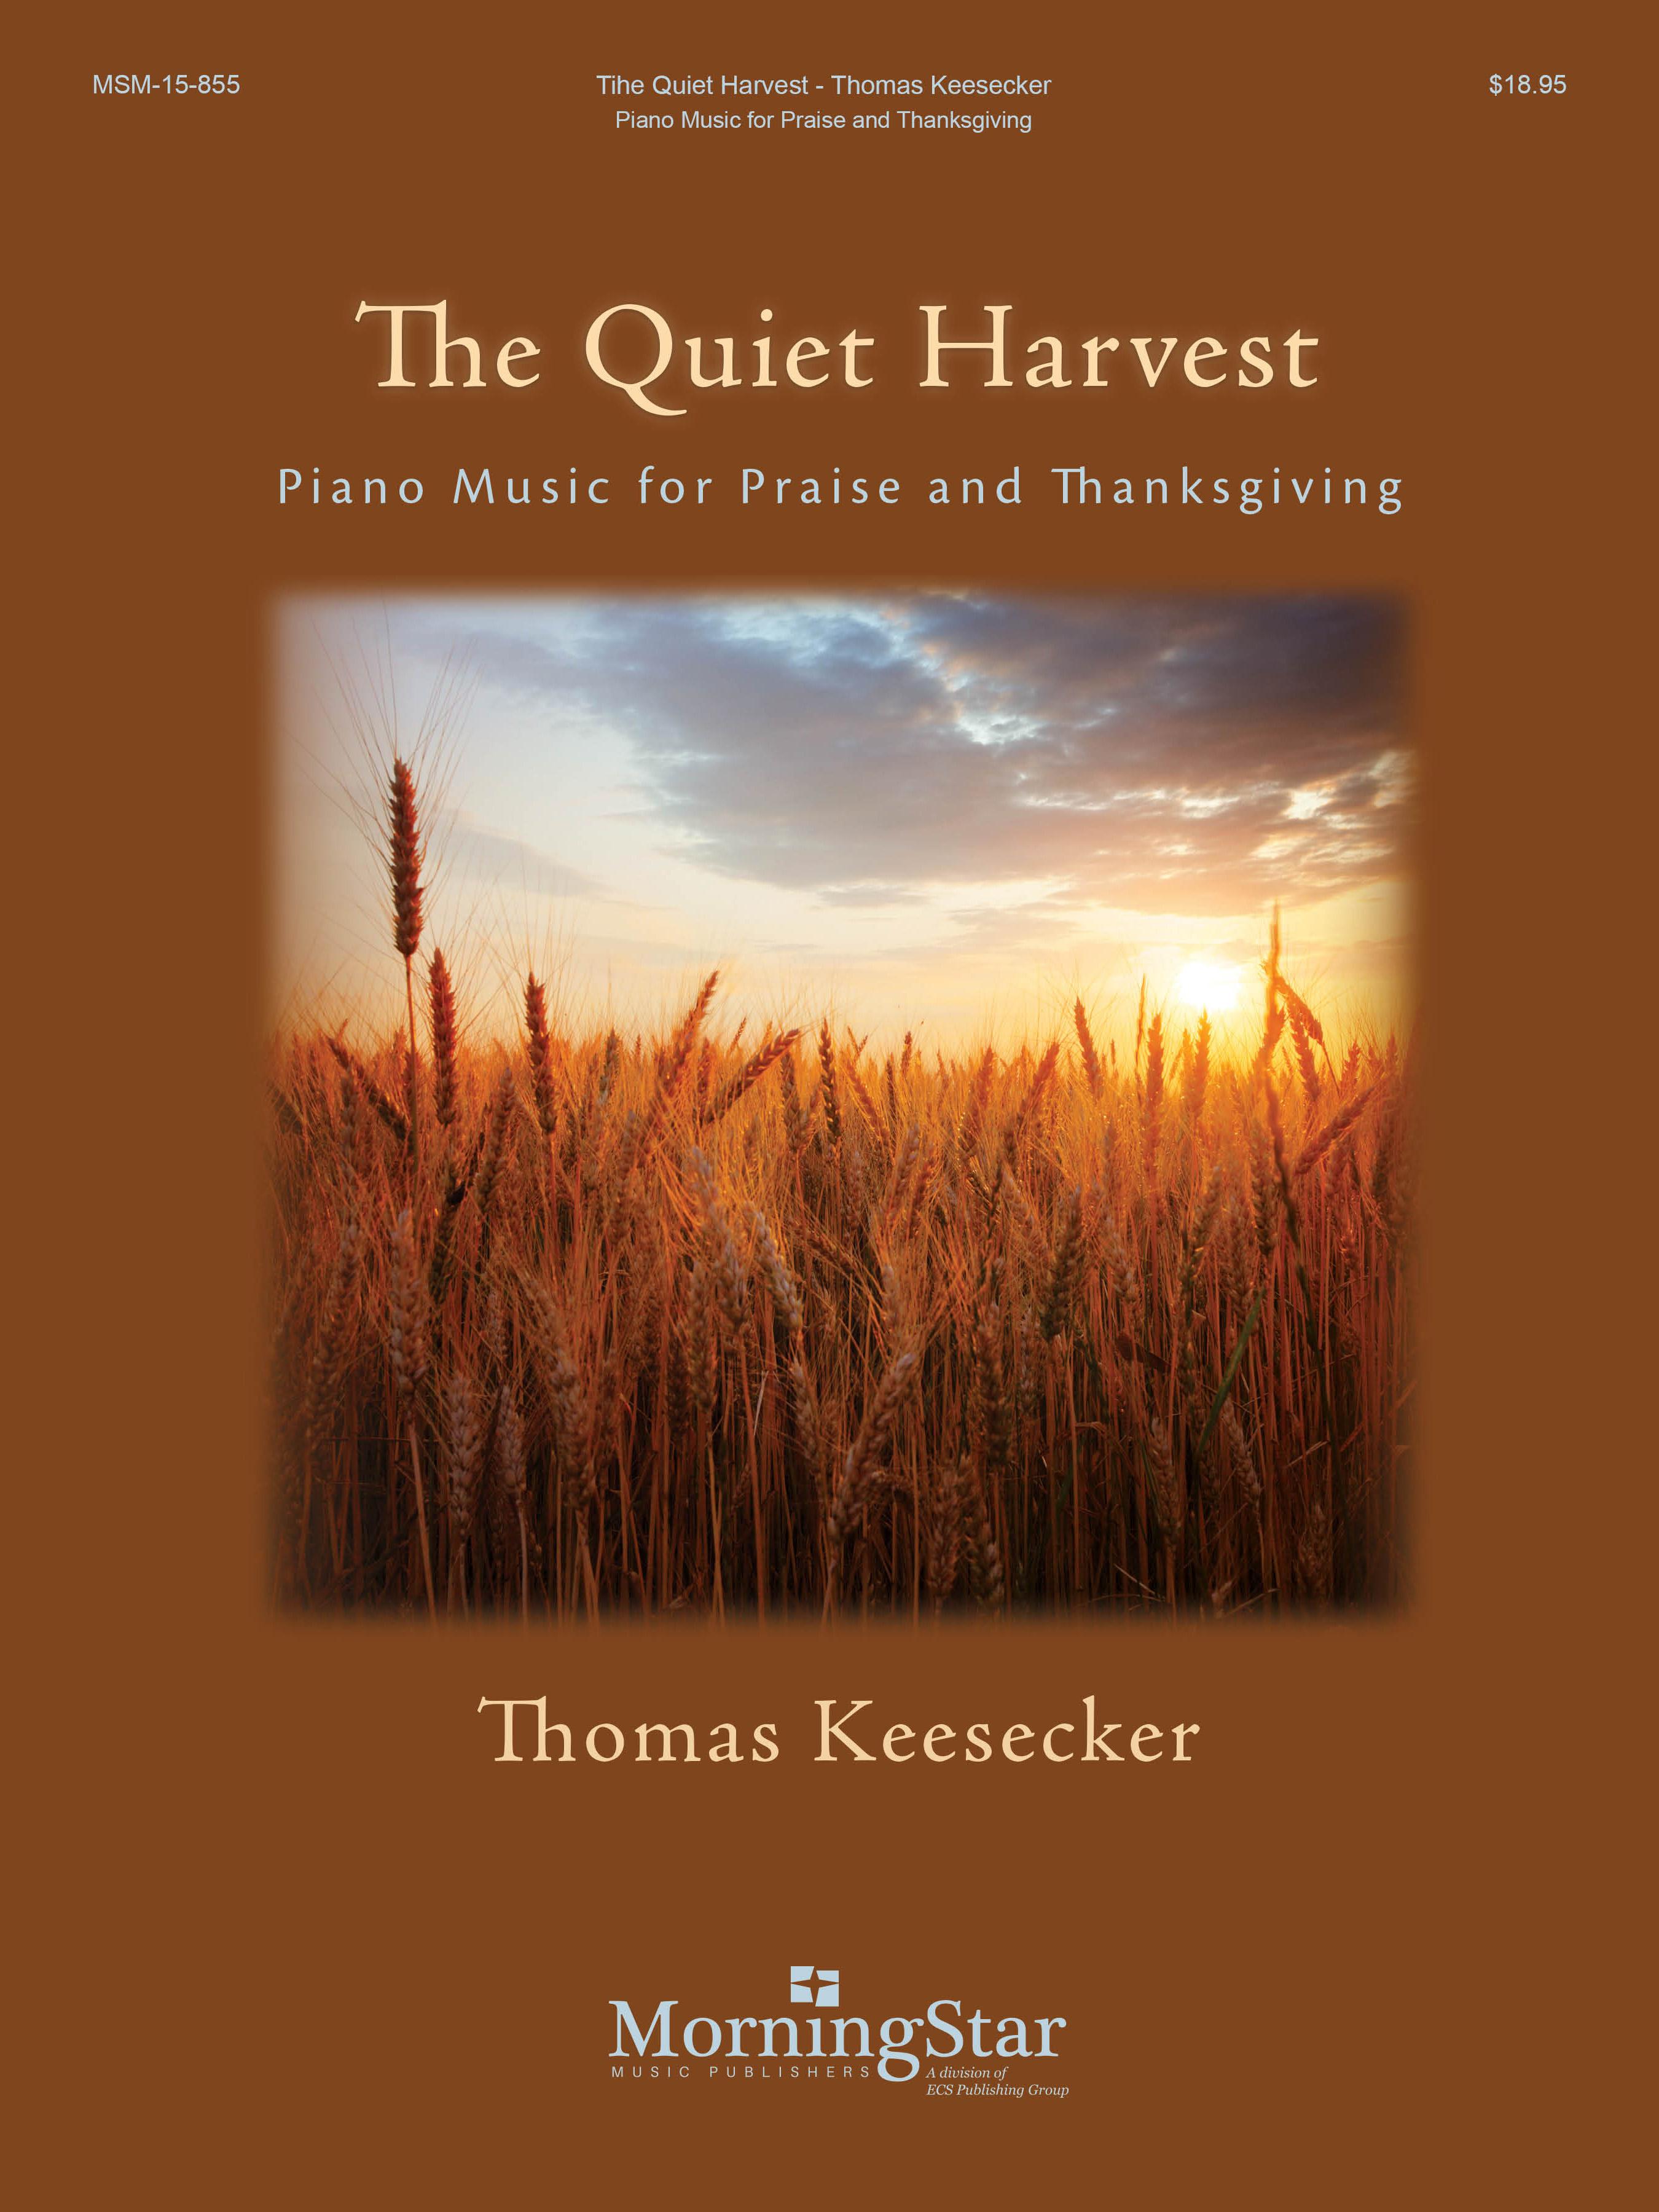 The Quiet Harvest